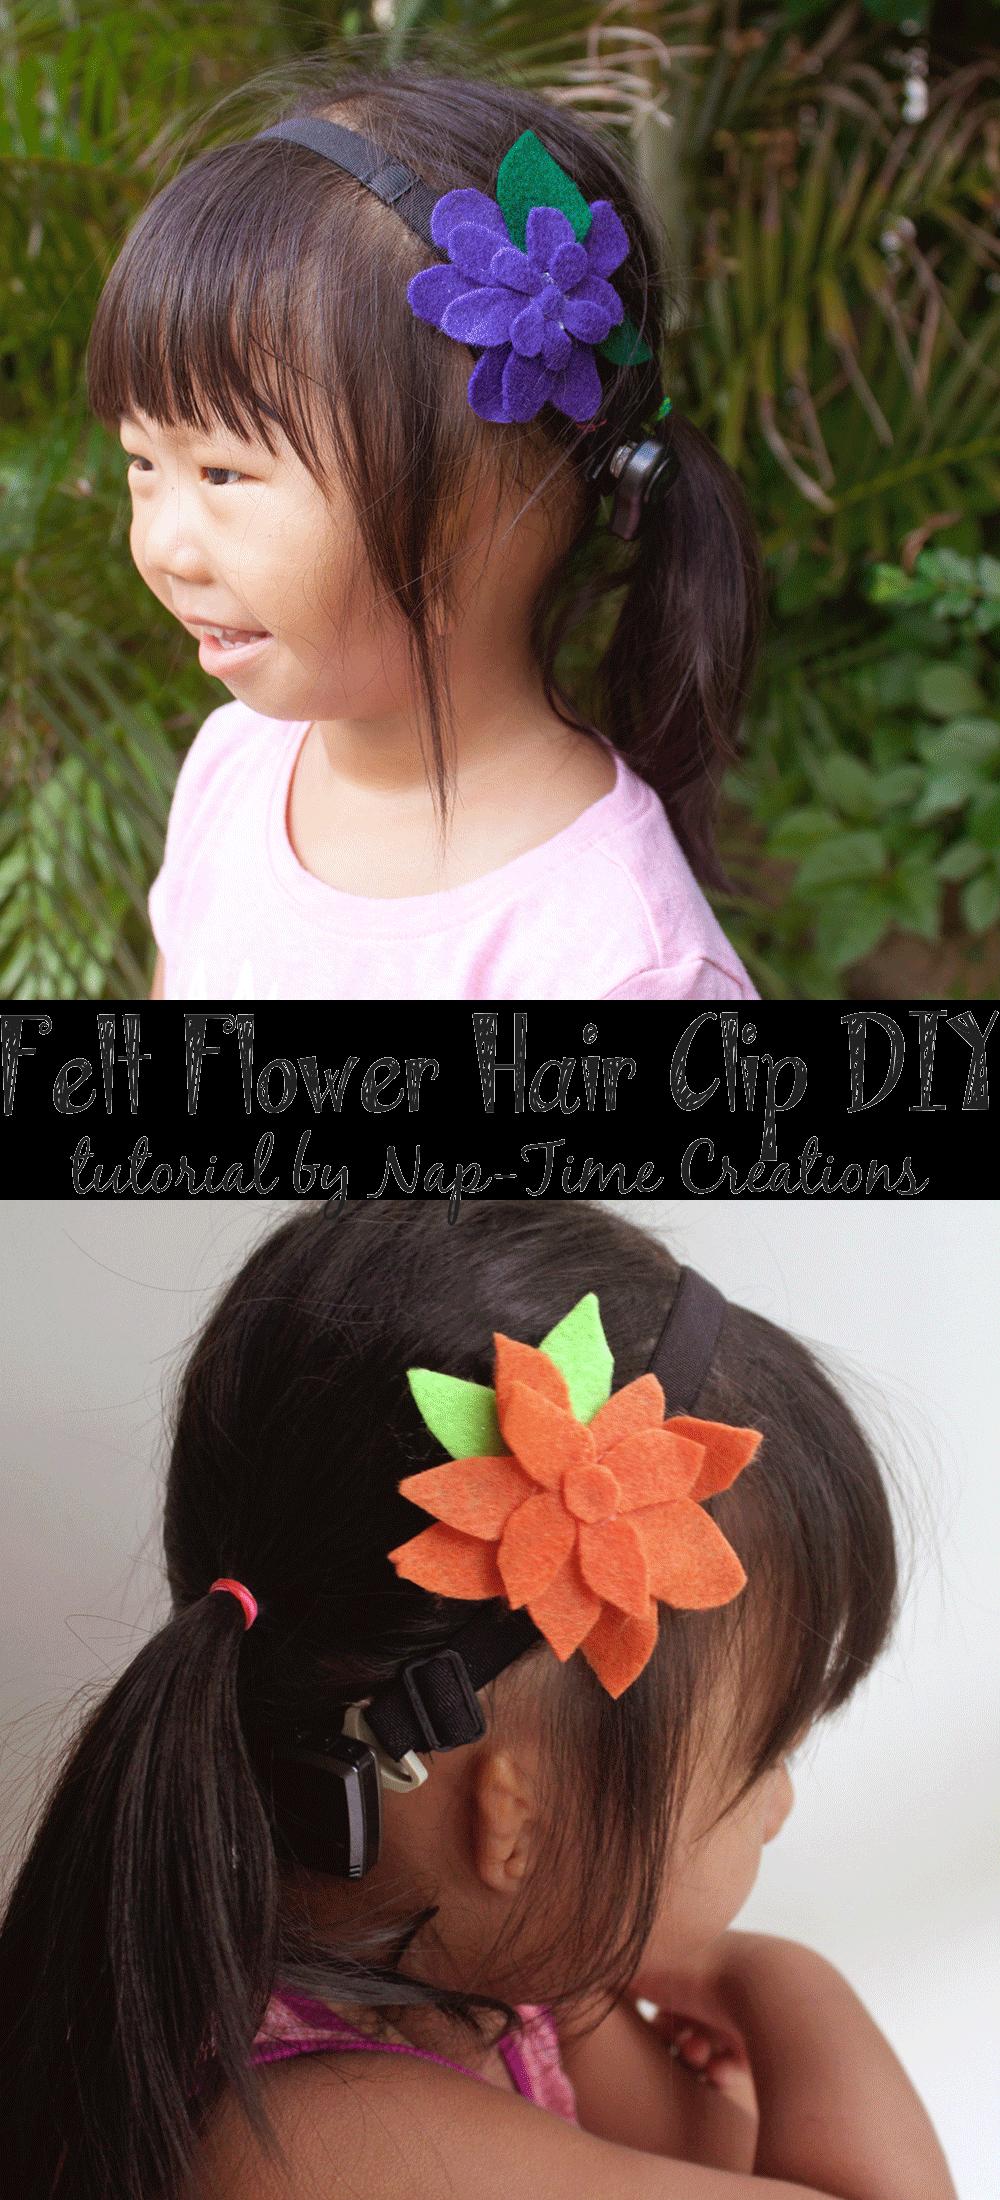 felt-flower-hair-clip-DIY by Nap-Time Creations